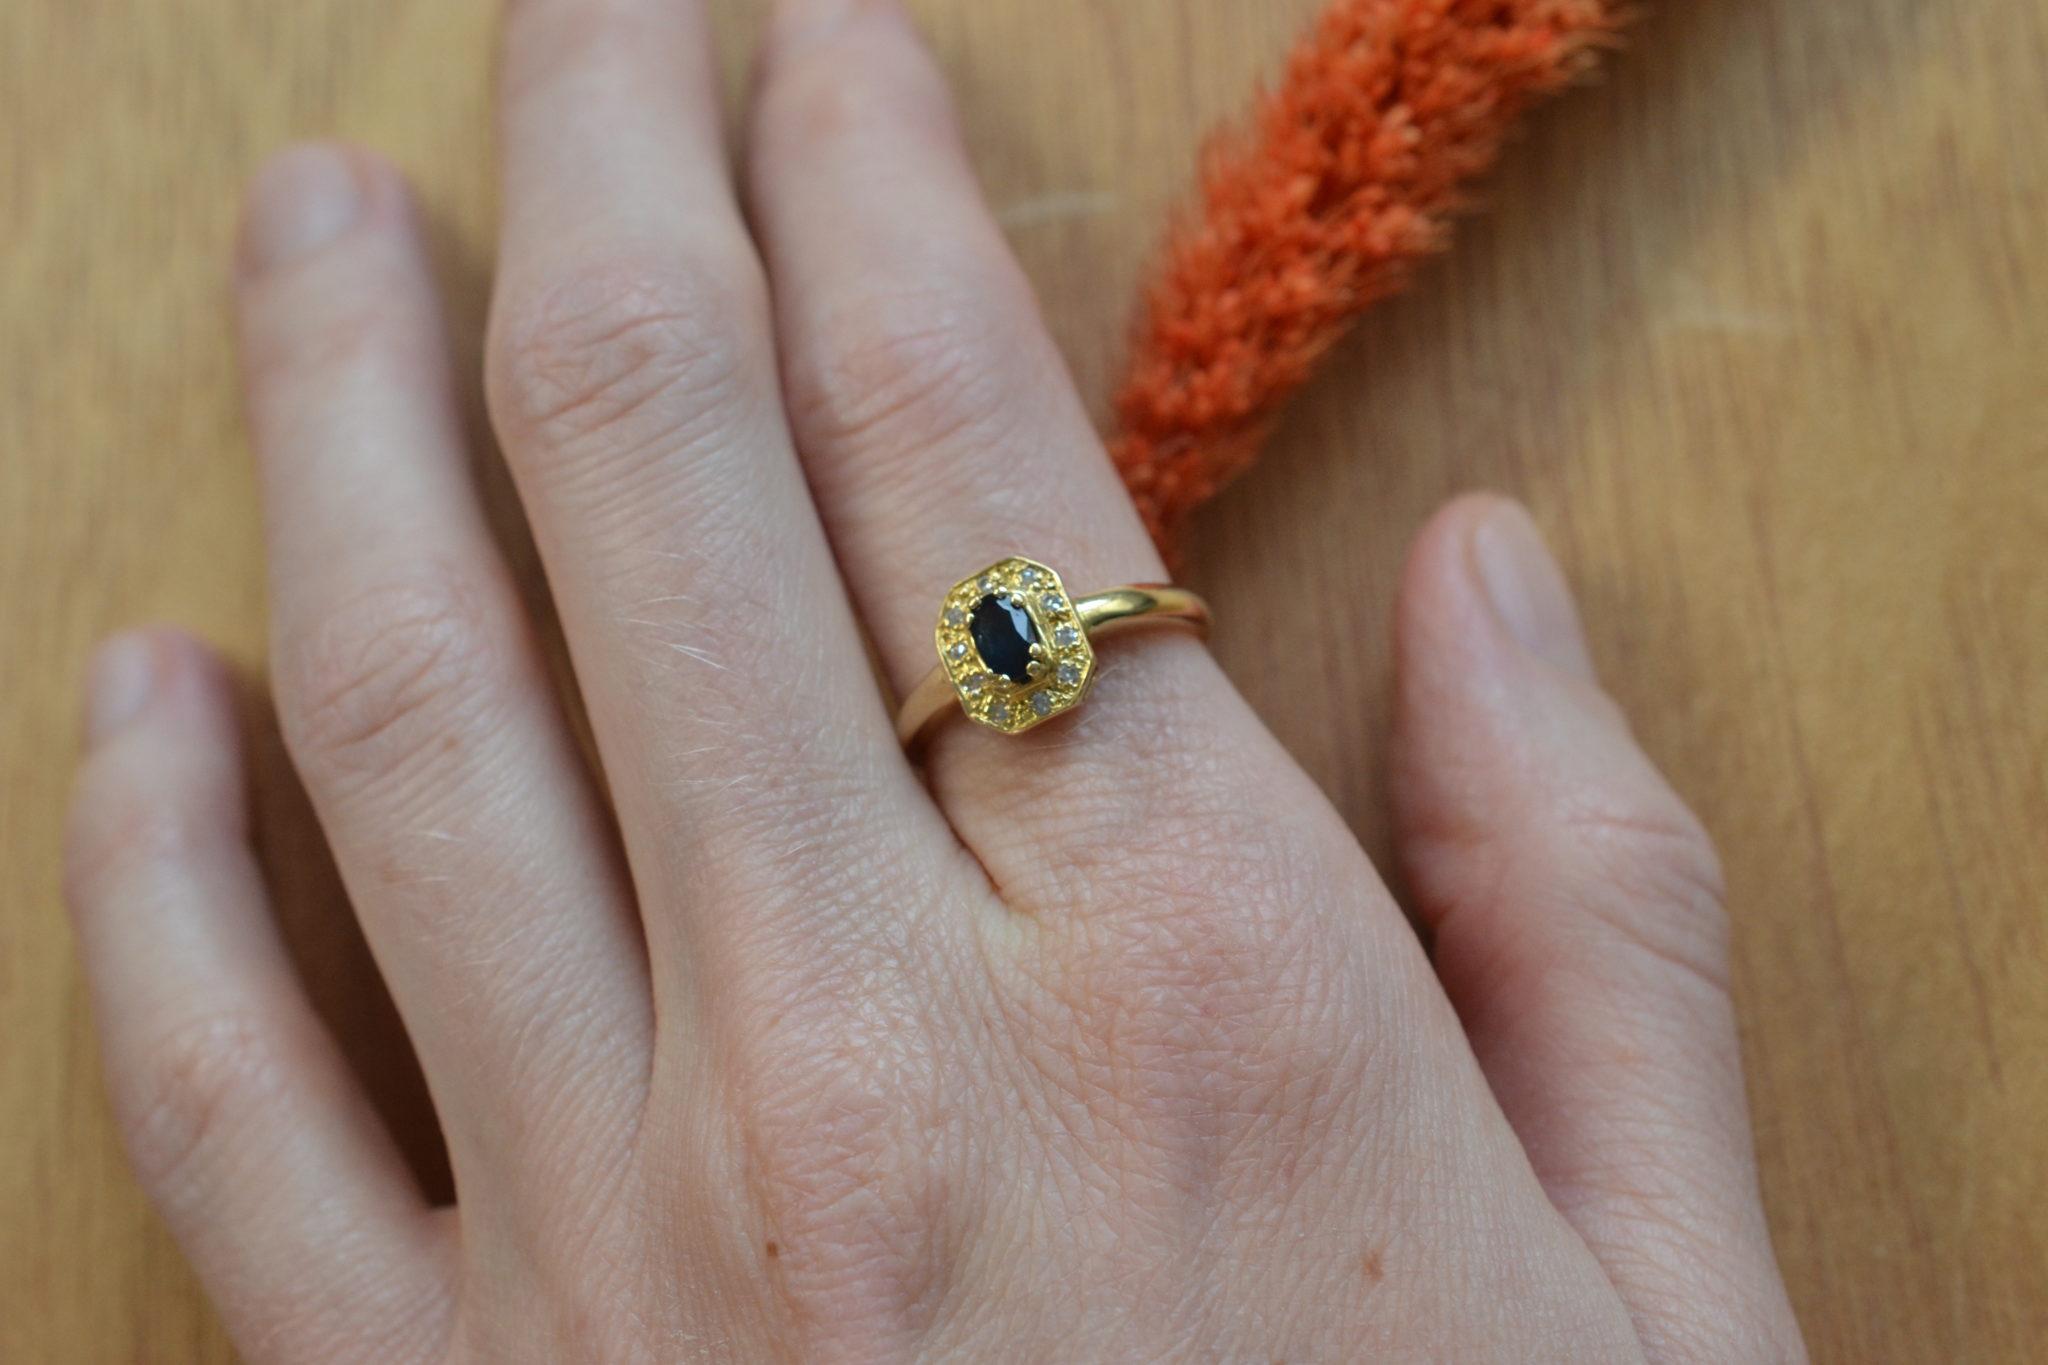 bague en Or massif hexagonale saphir et diamants bague vintage pour mariage écoresponsable